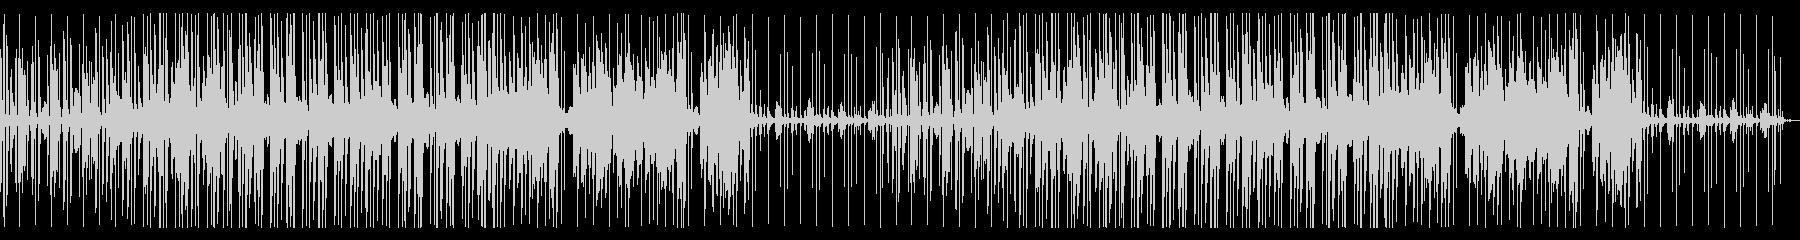 ウッドベース ややコミカル ジャズの未再生の波形